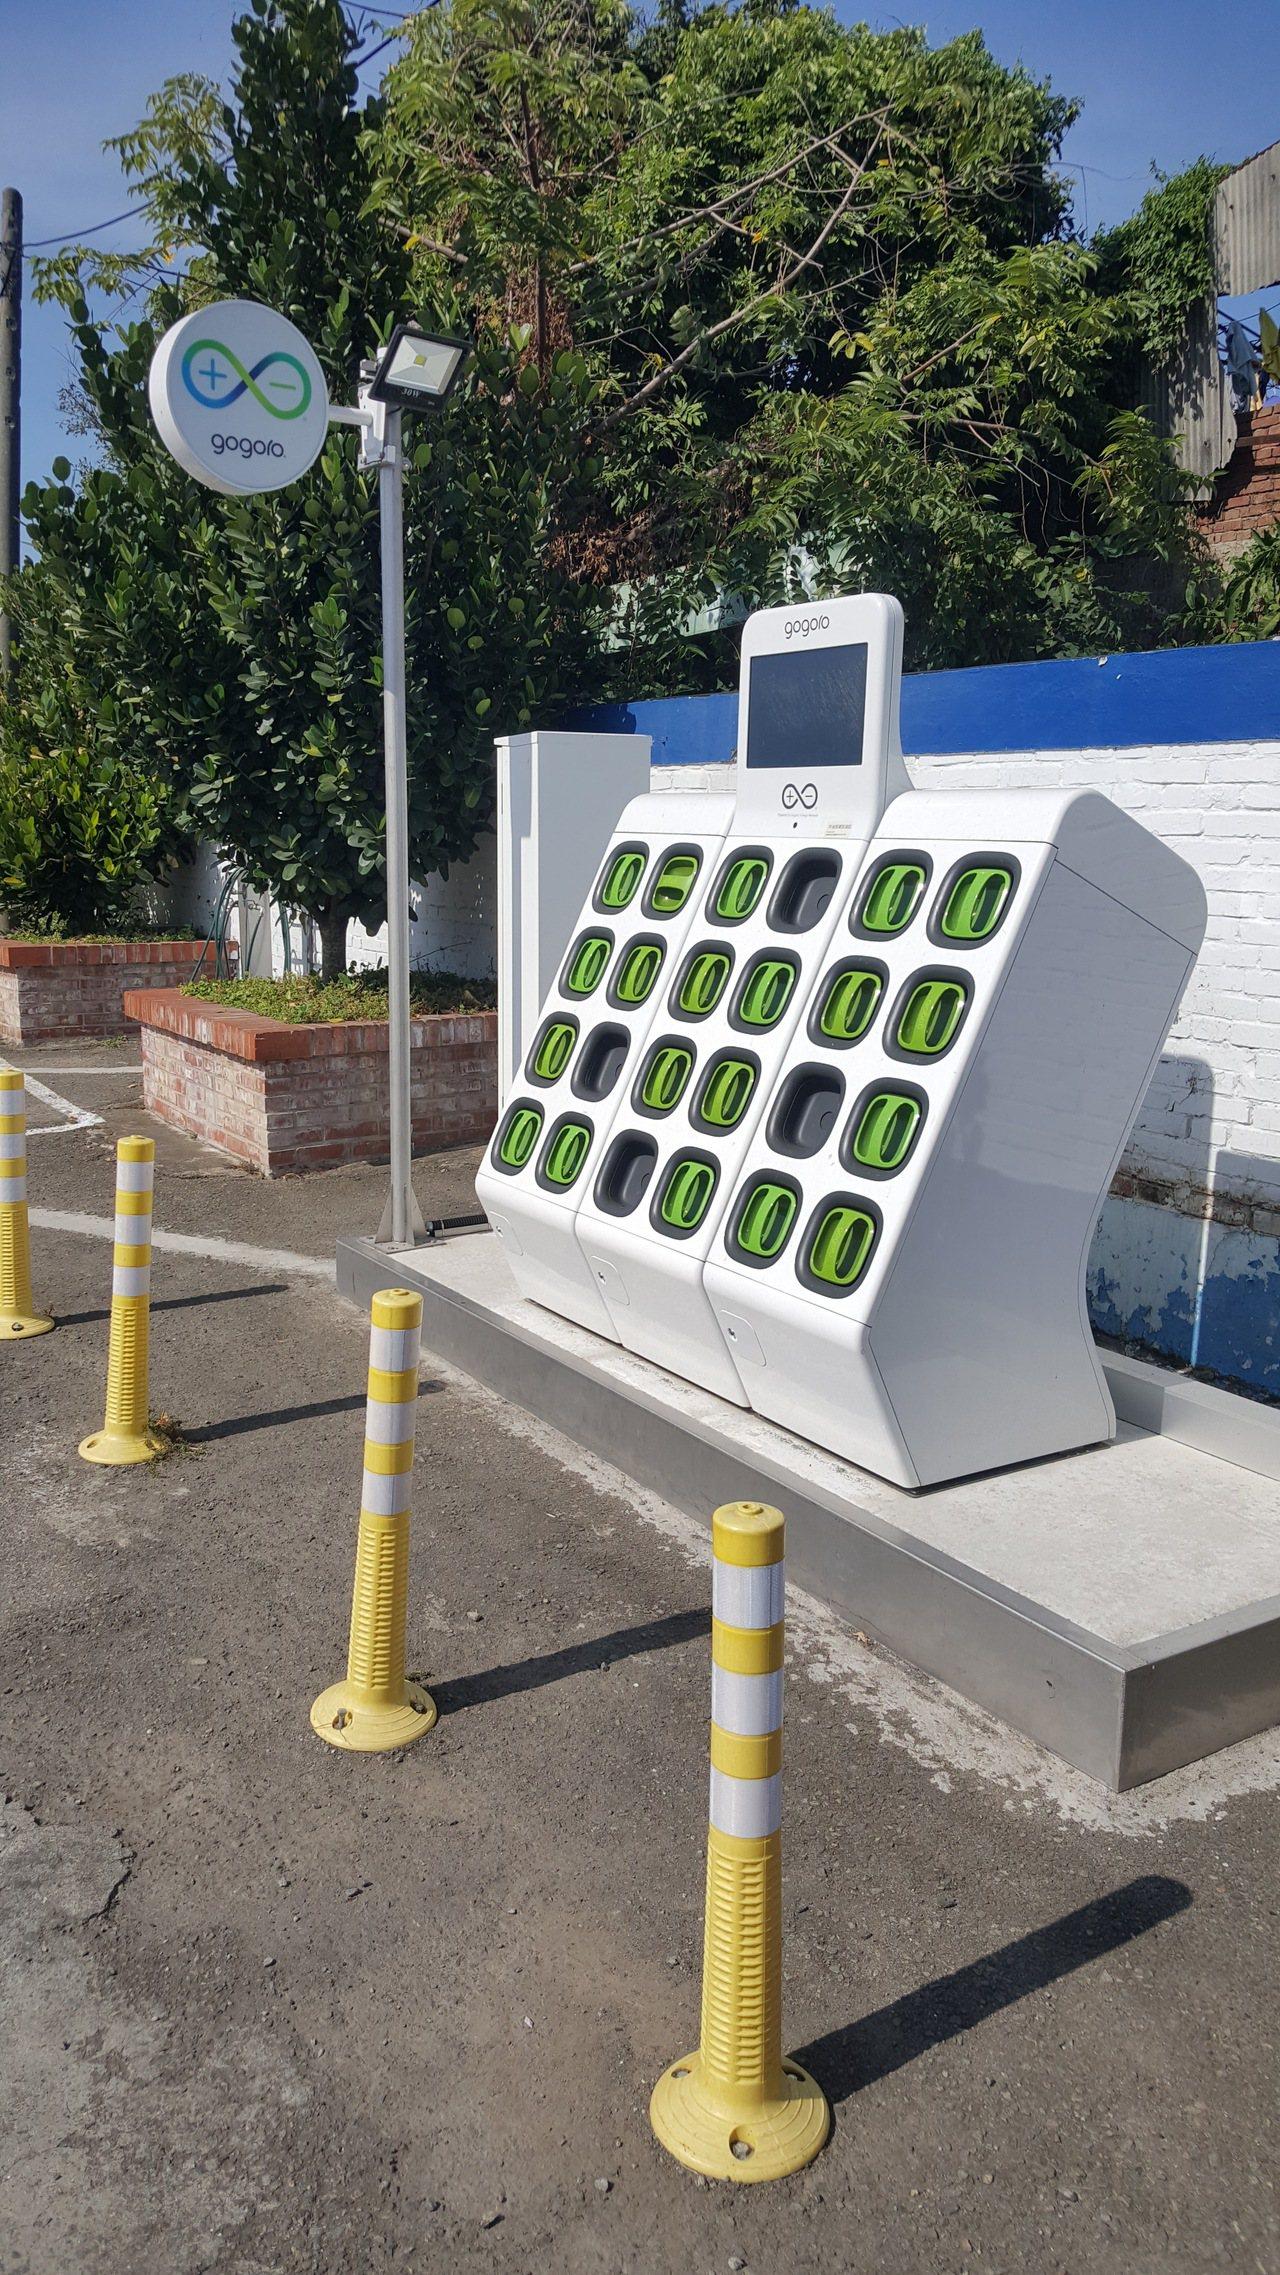 台1線公路西湖加油站已設有gogoro充電站,有鄉民建議鄉公所結合「西湖一路遊」...